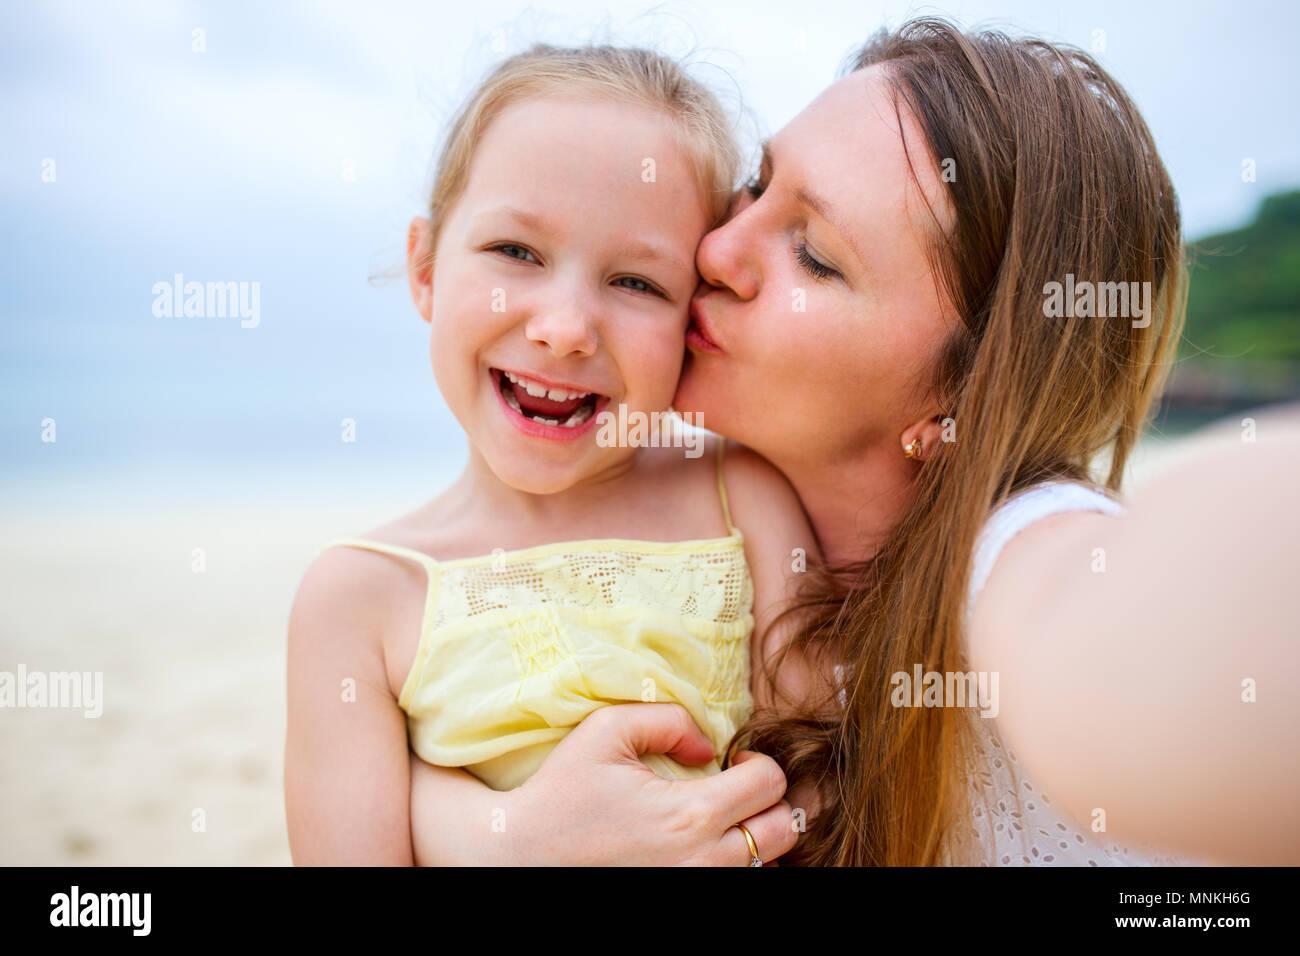 Familia feliz madre y su adorable hija pequeña en la playa, haciendo selfie Imagen De Stock